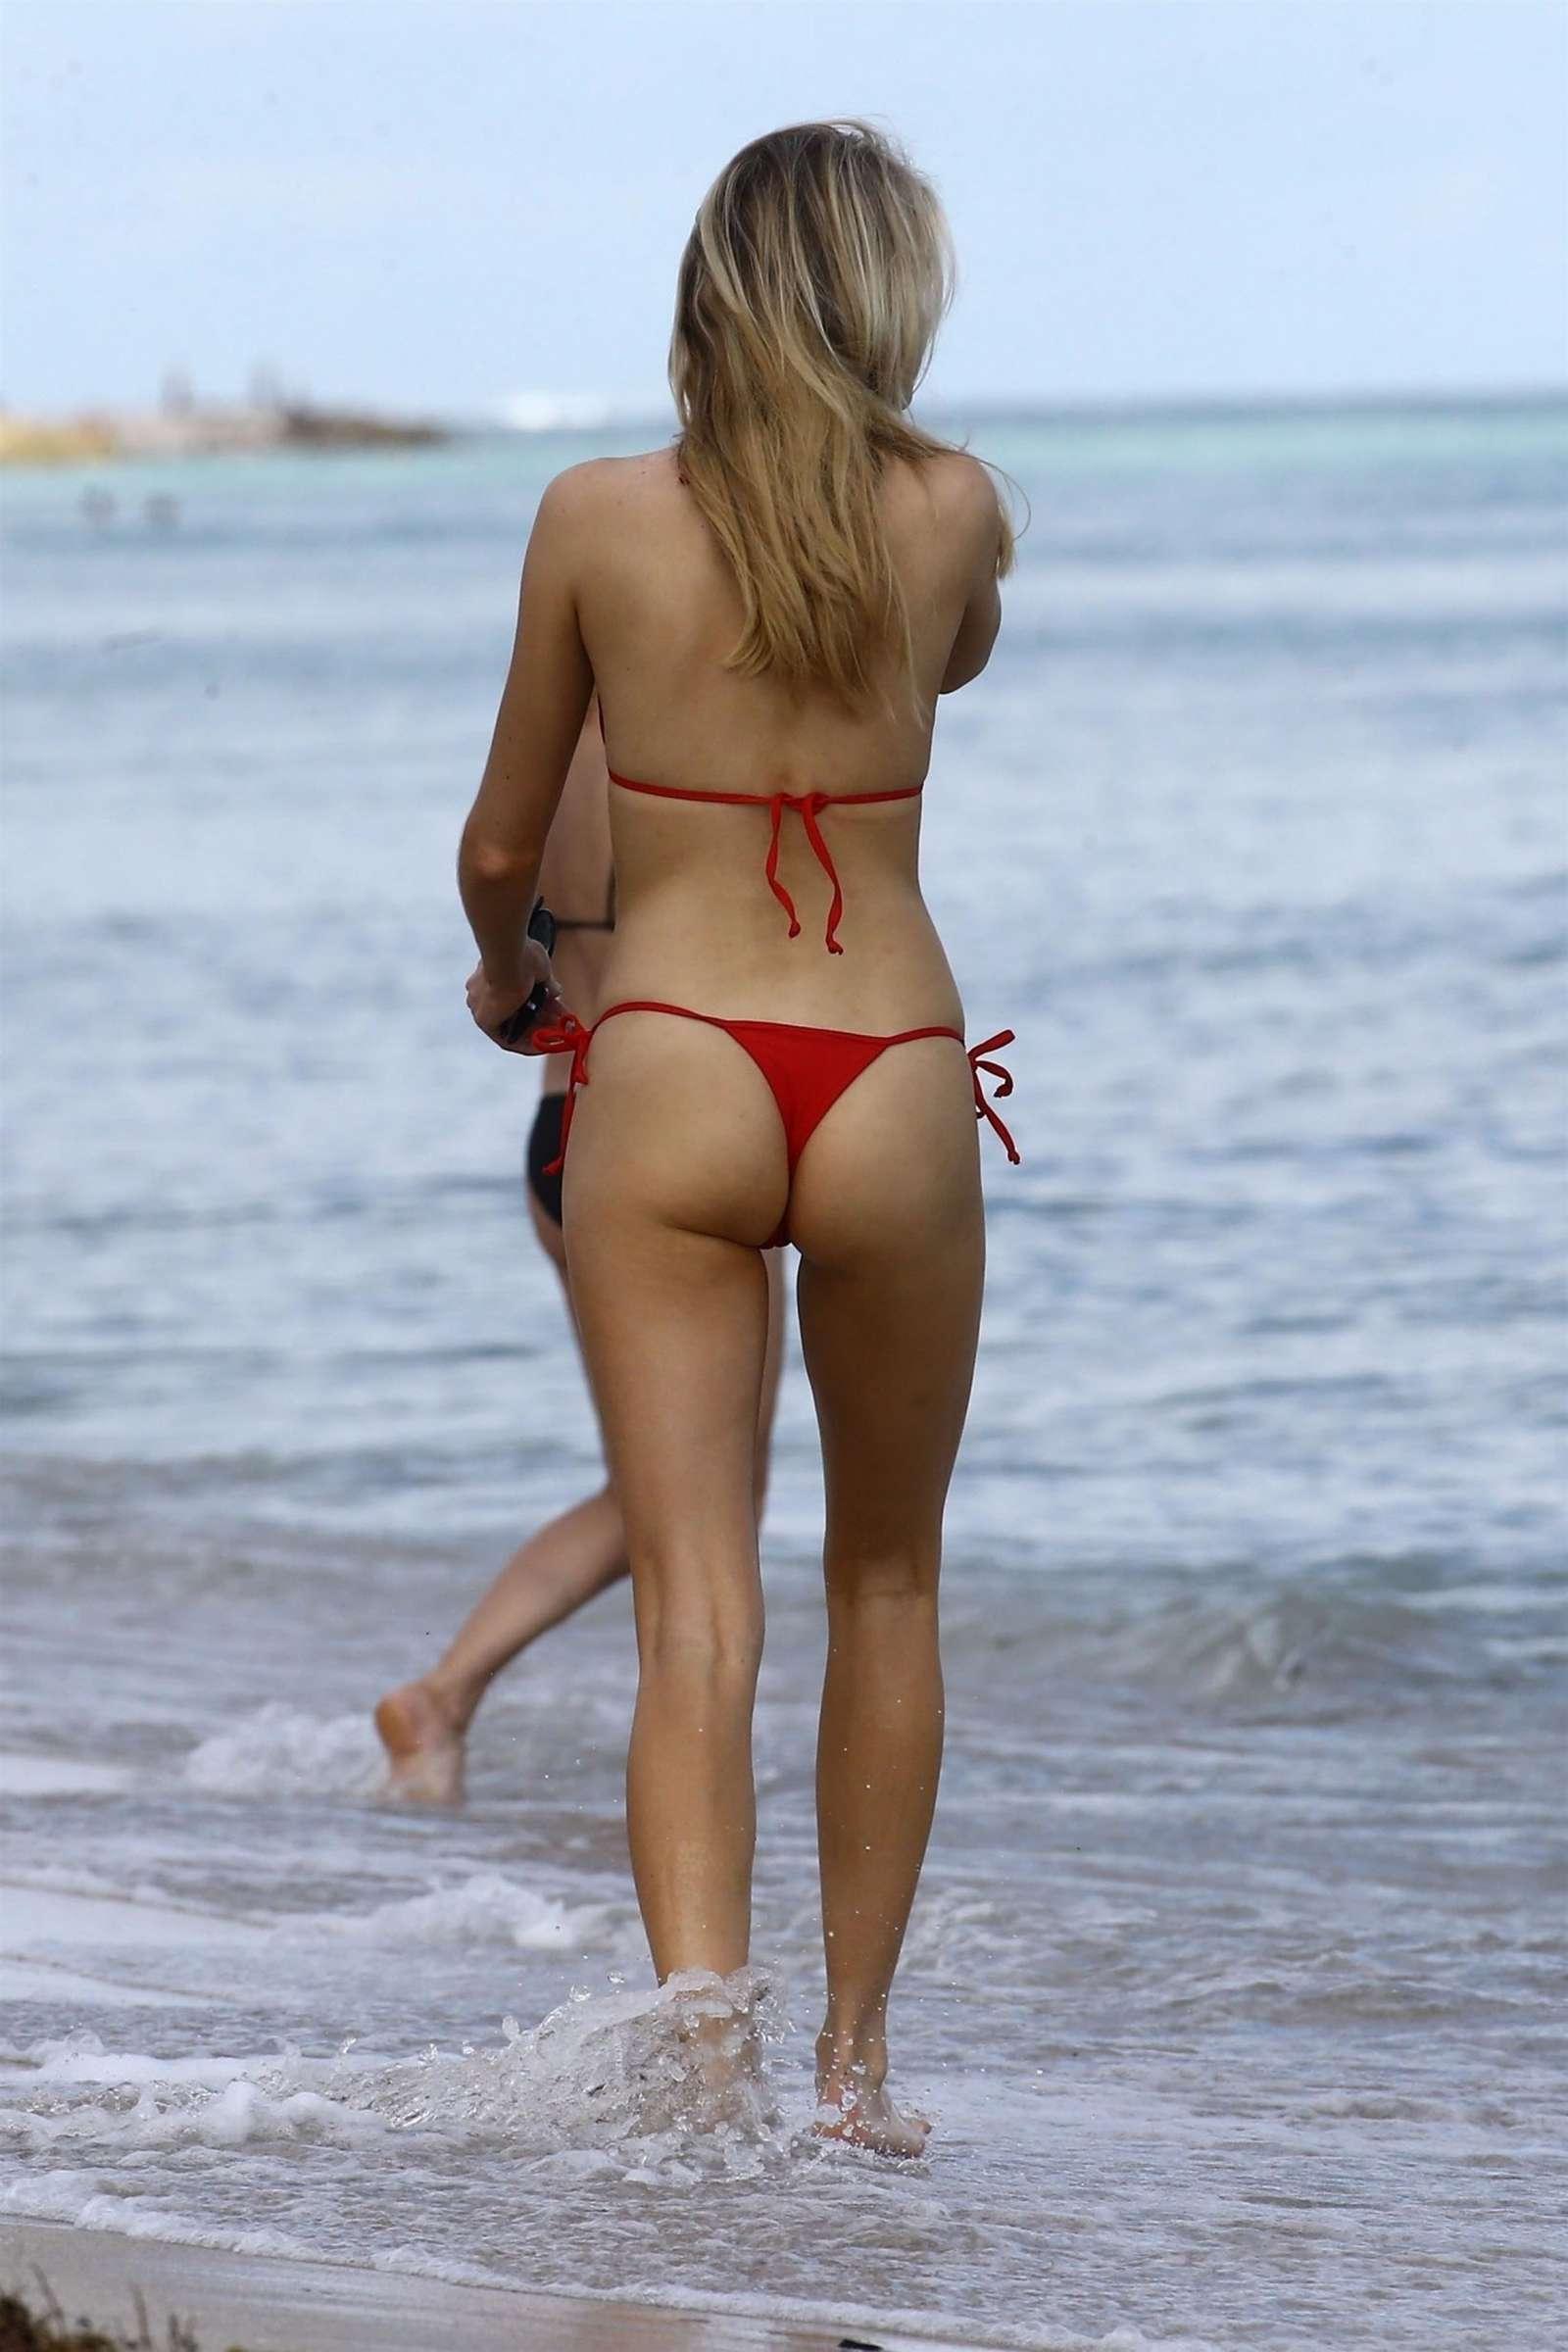 Louisa Warwick 2017 : Louisa Warwick in Red Bikini 2017 -17